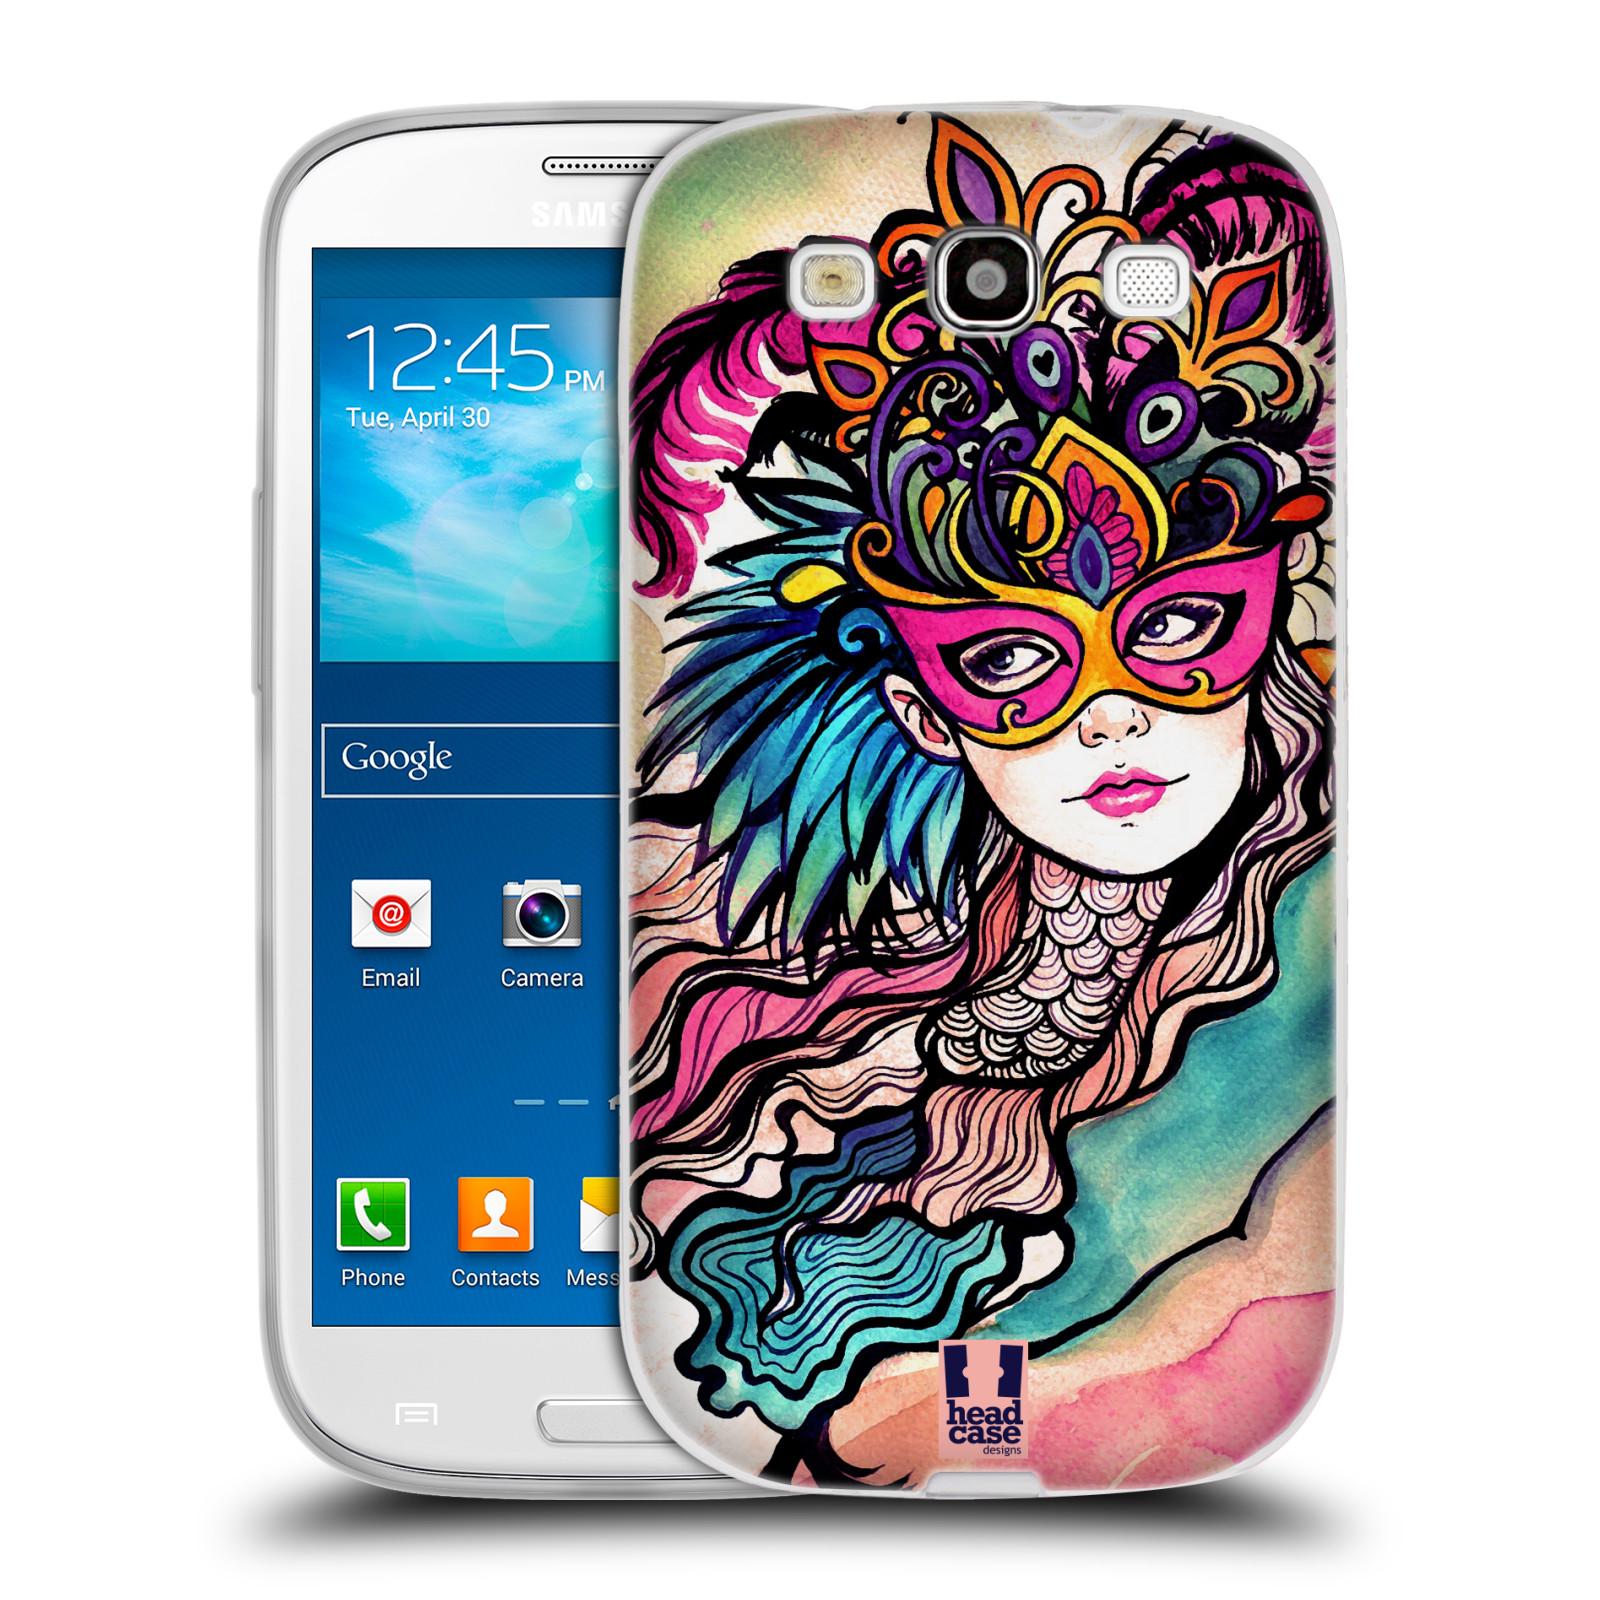 HEAD CASE silikonový obal na mobil Samsung Galaxy S3 i9300 vzor Maškarní ples masky kreslené vzory růžová